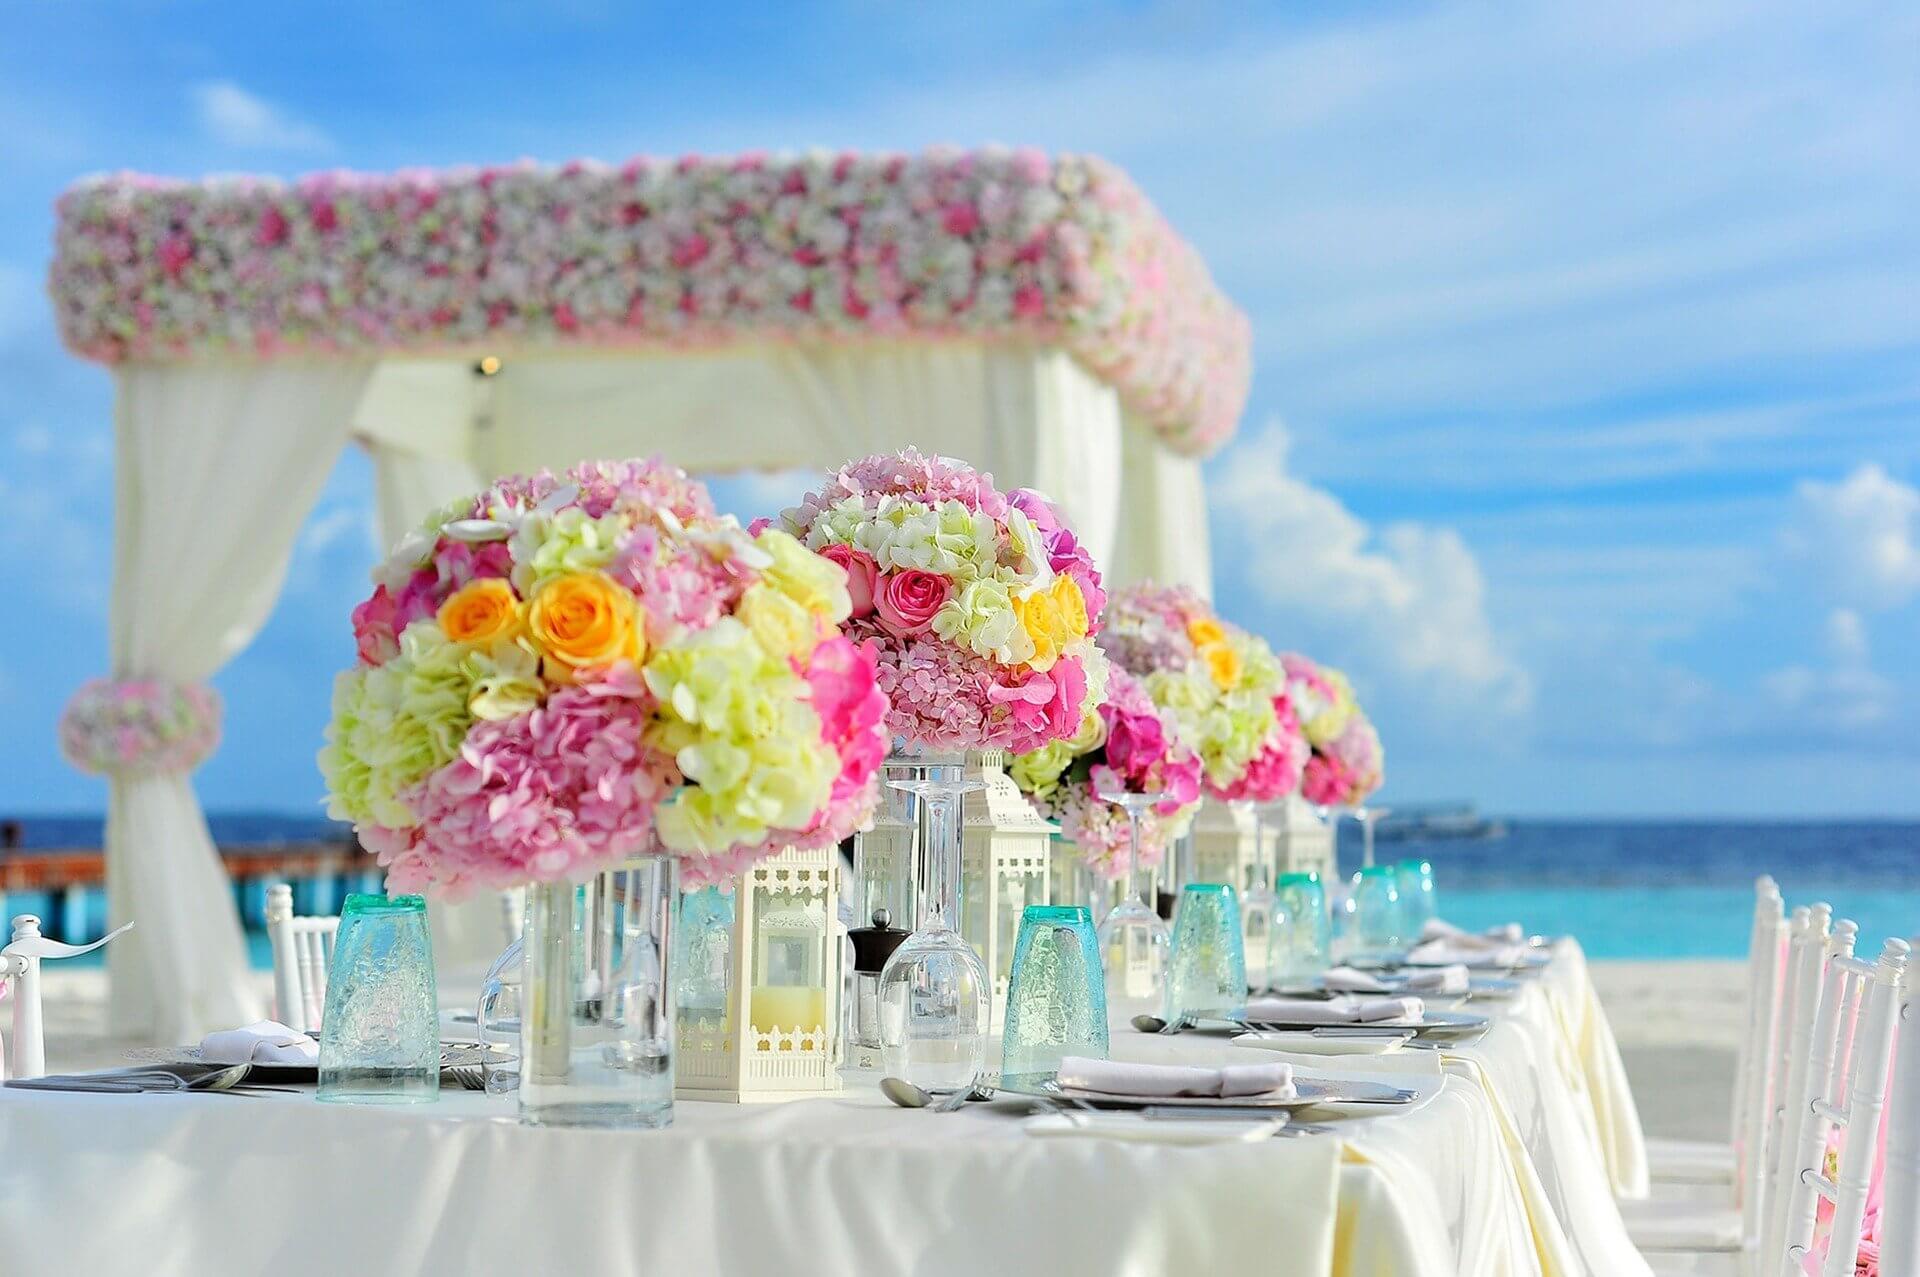 Cum să alegi o locație ideală pentru nuntă – Idei și sfaturi utile pentru a lua decizia potrivită! - nuntapeplaja.ro